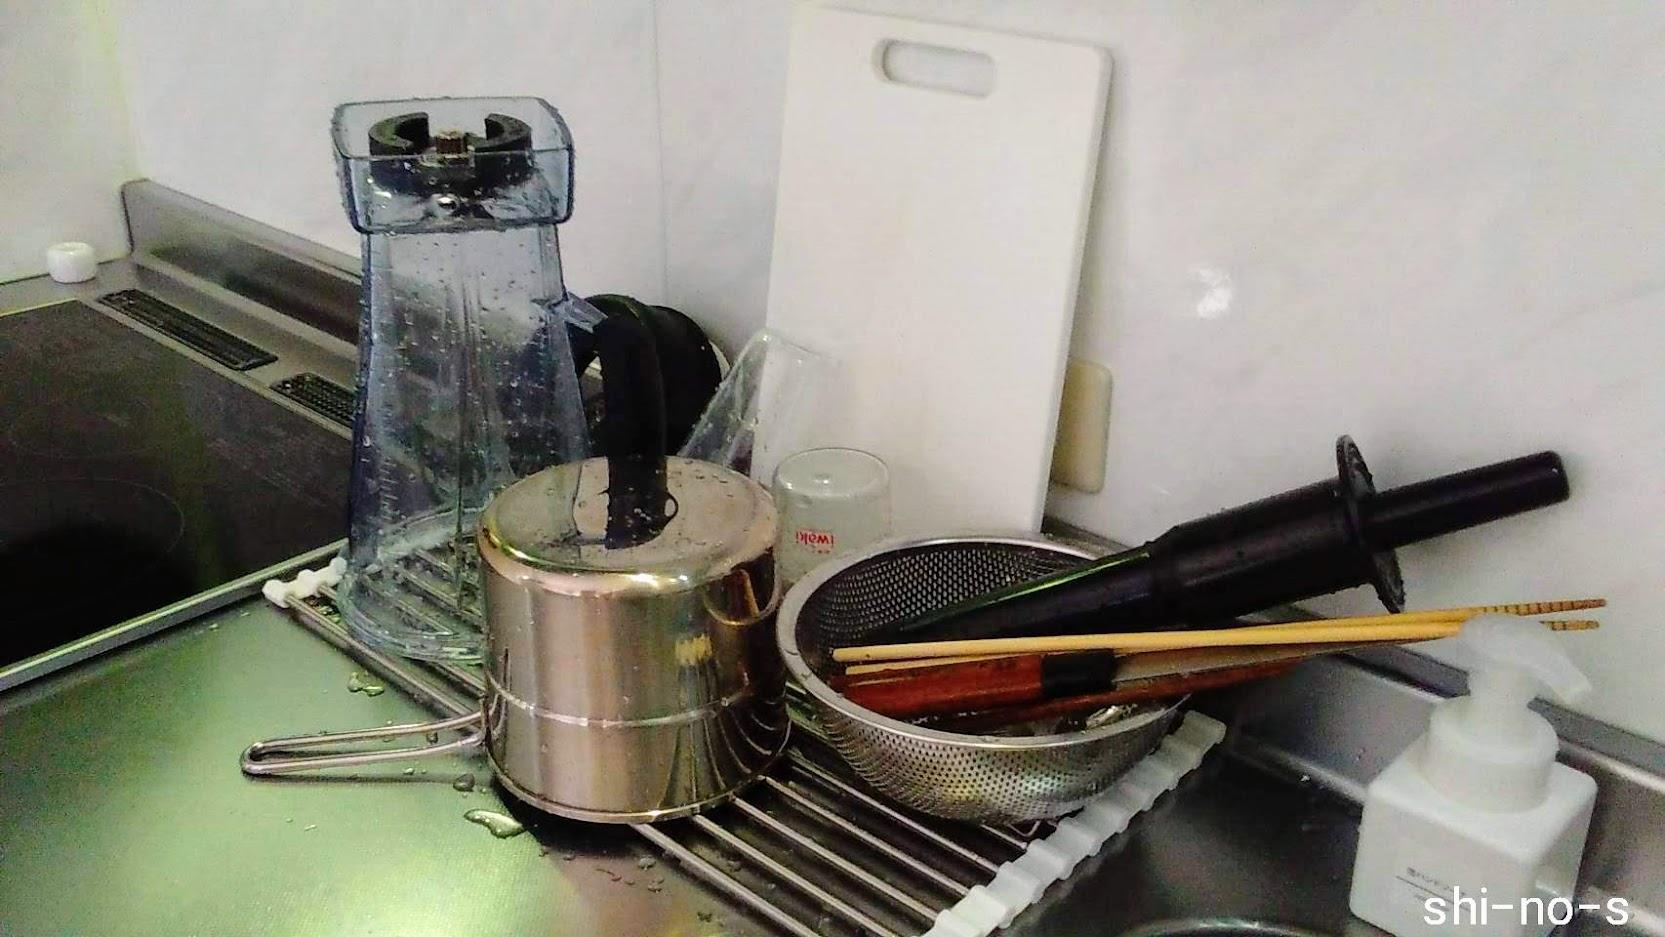 水切りかごの上に1人分の洗い物